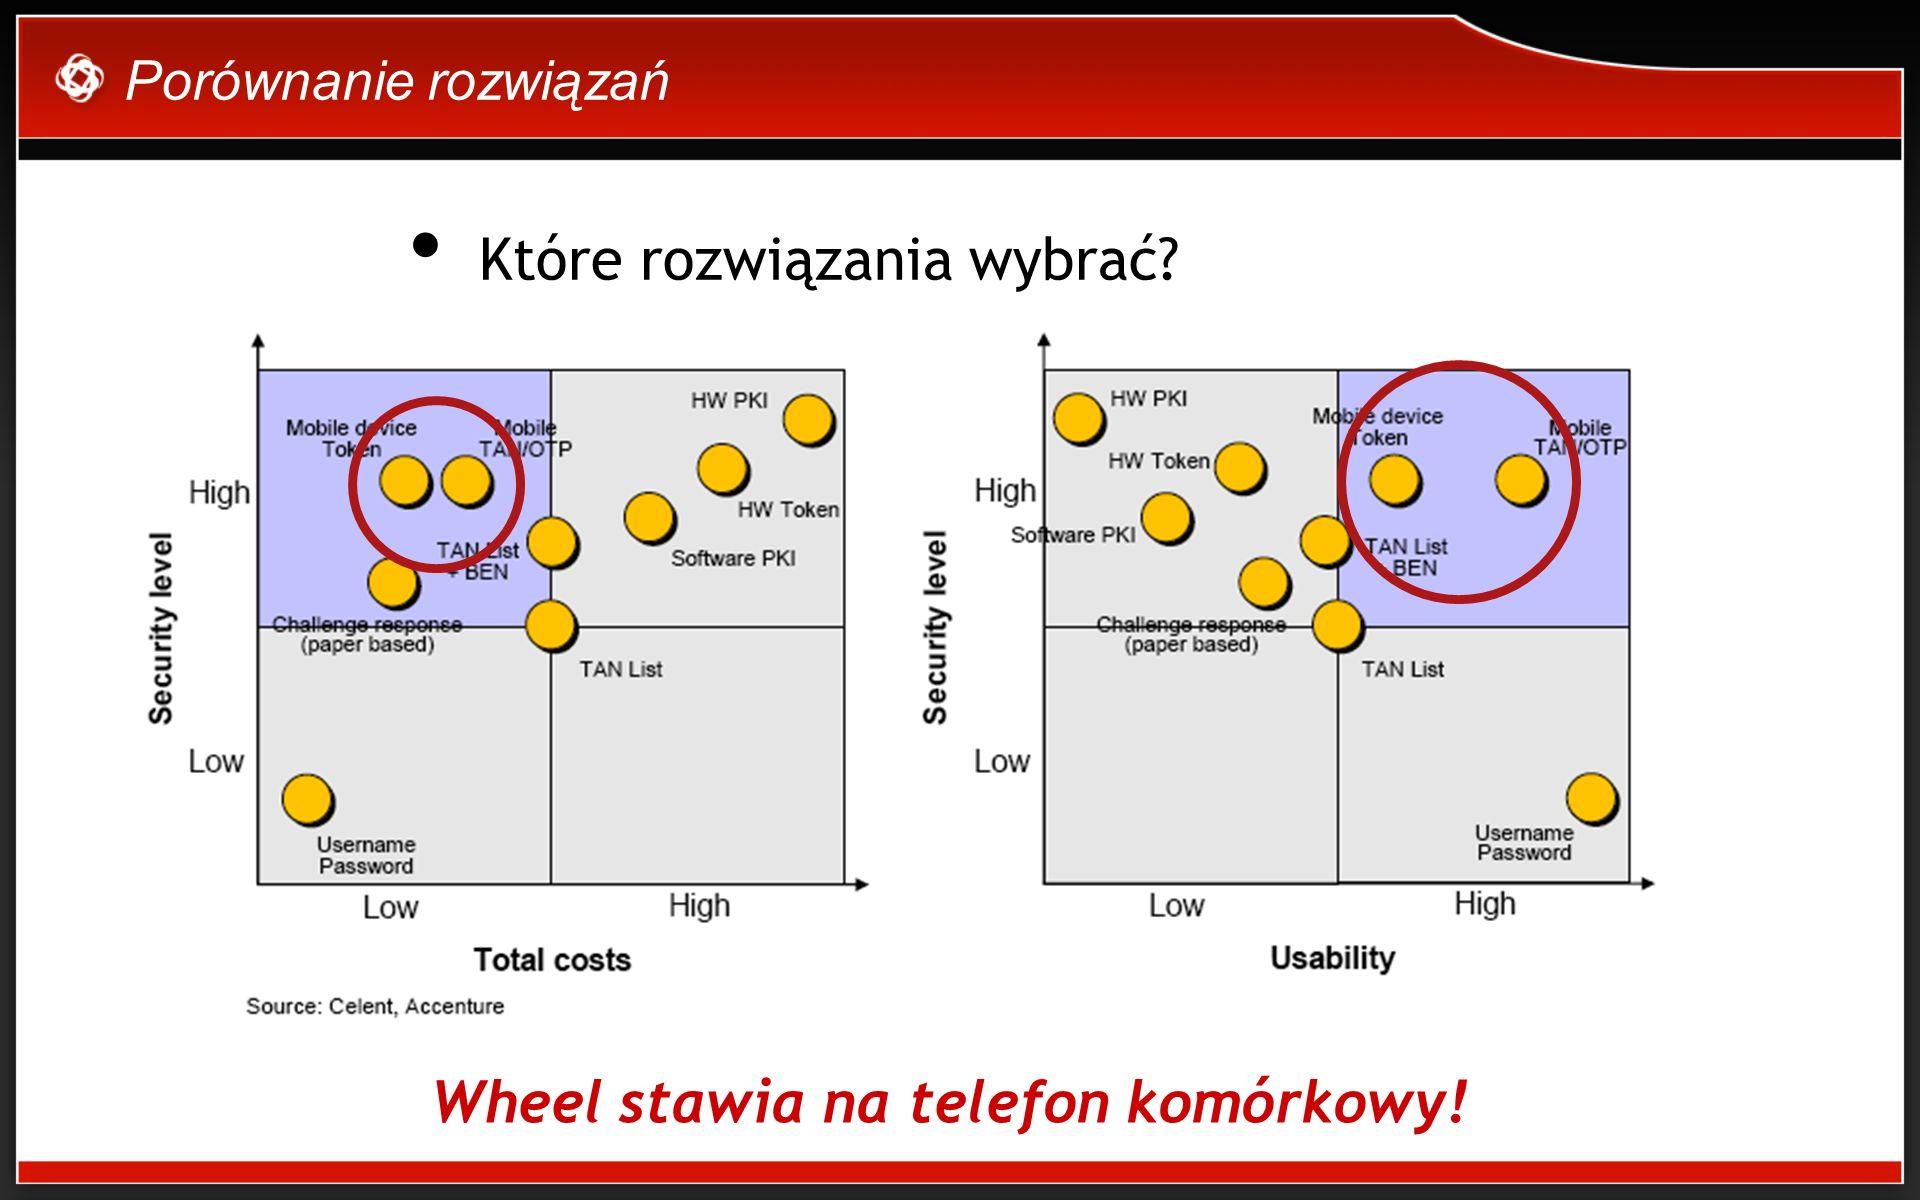 Porównanie rozwiązań Które rozwiązania wybrać Wheel stawia na telefon komórkowy!